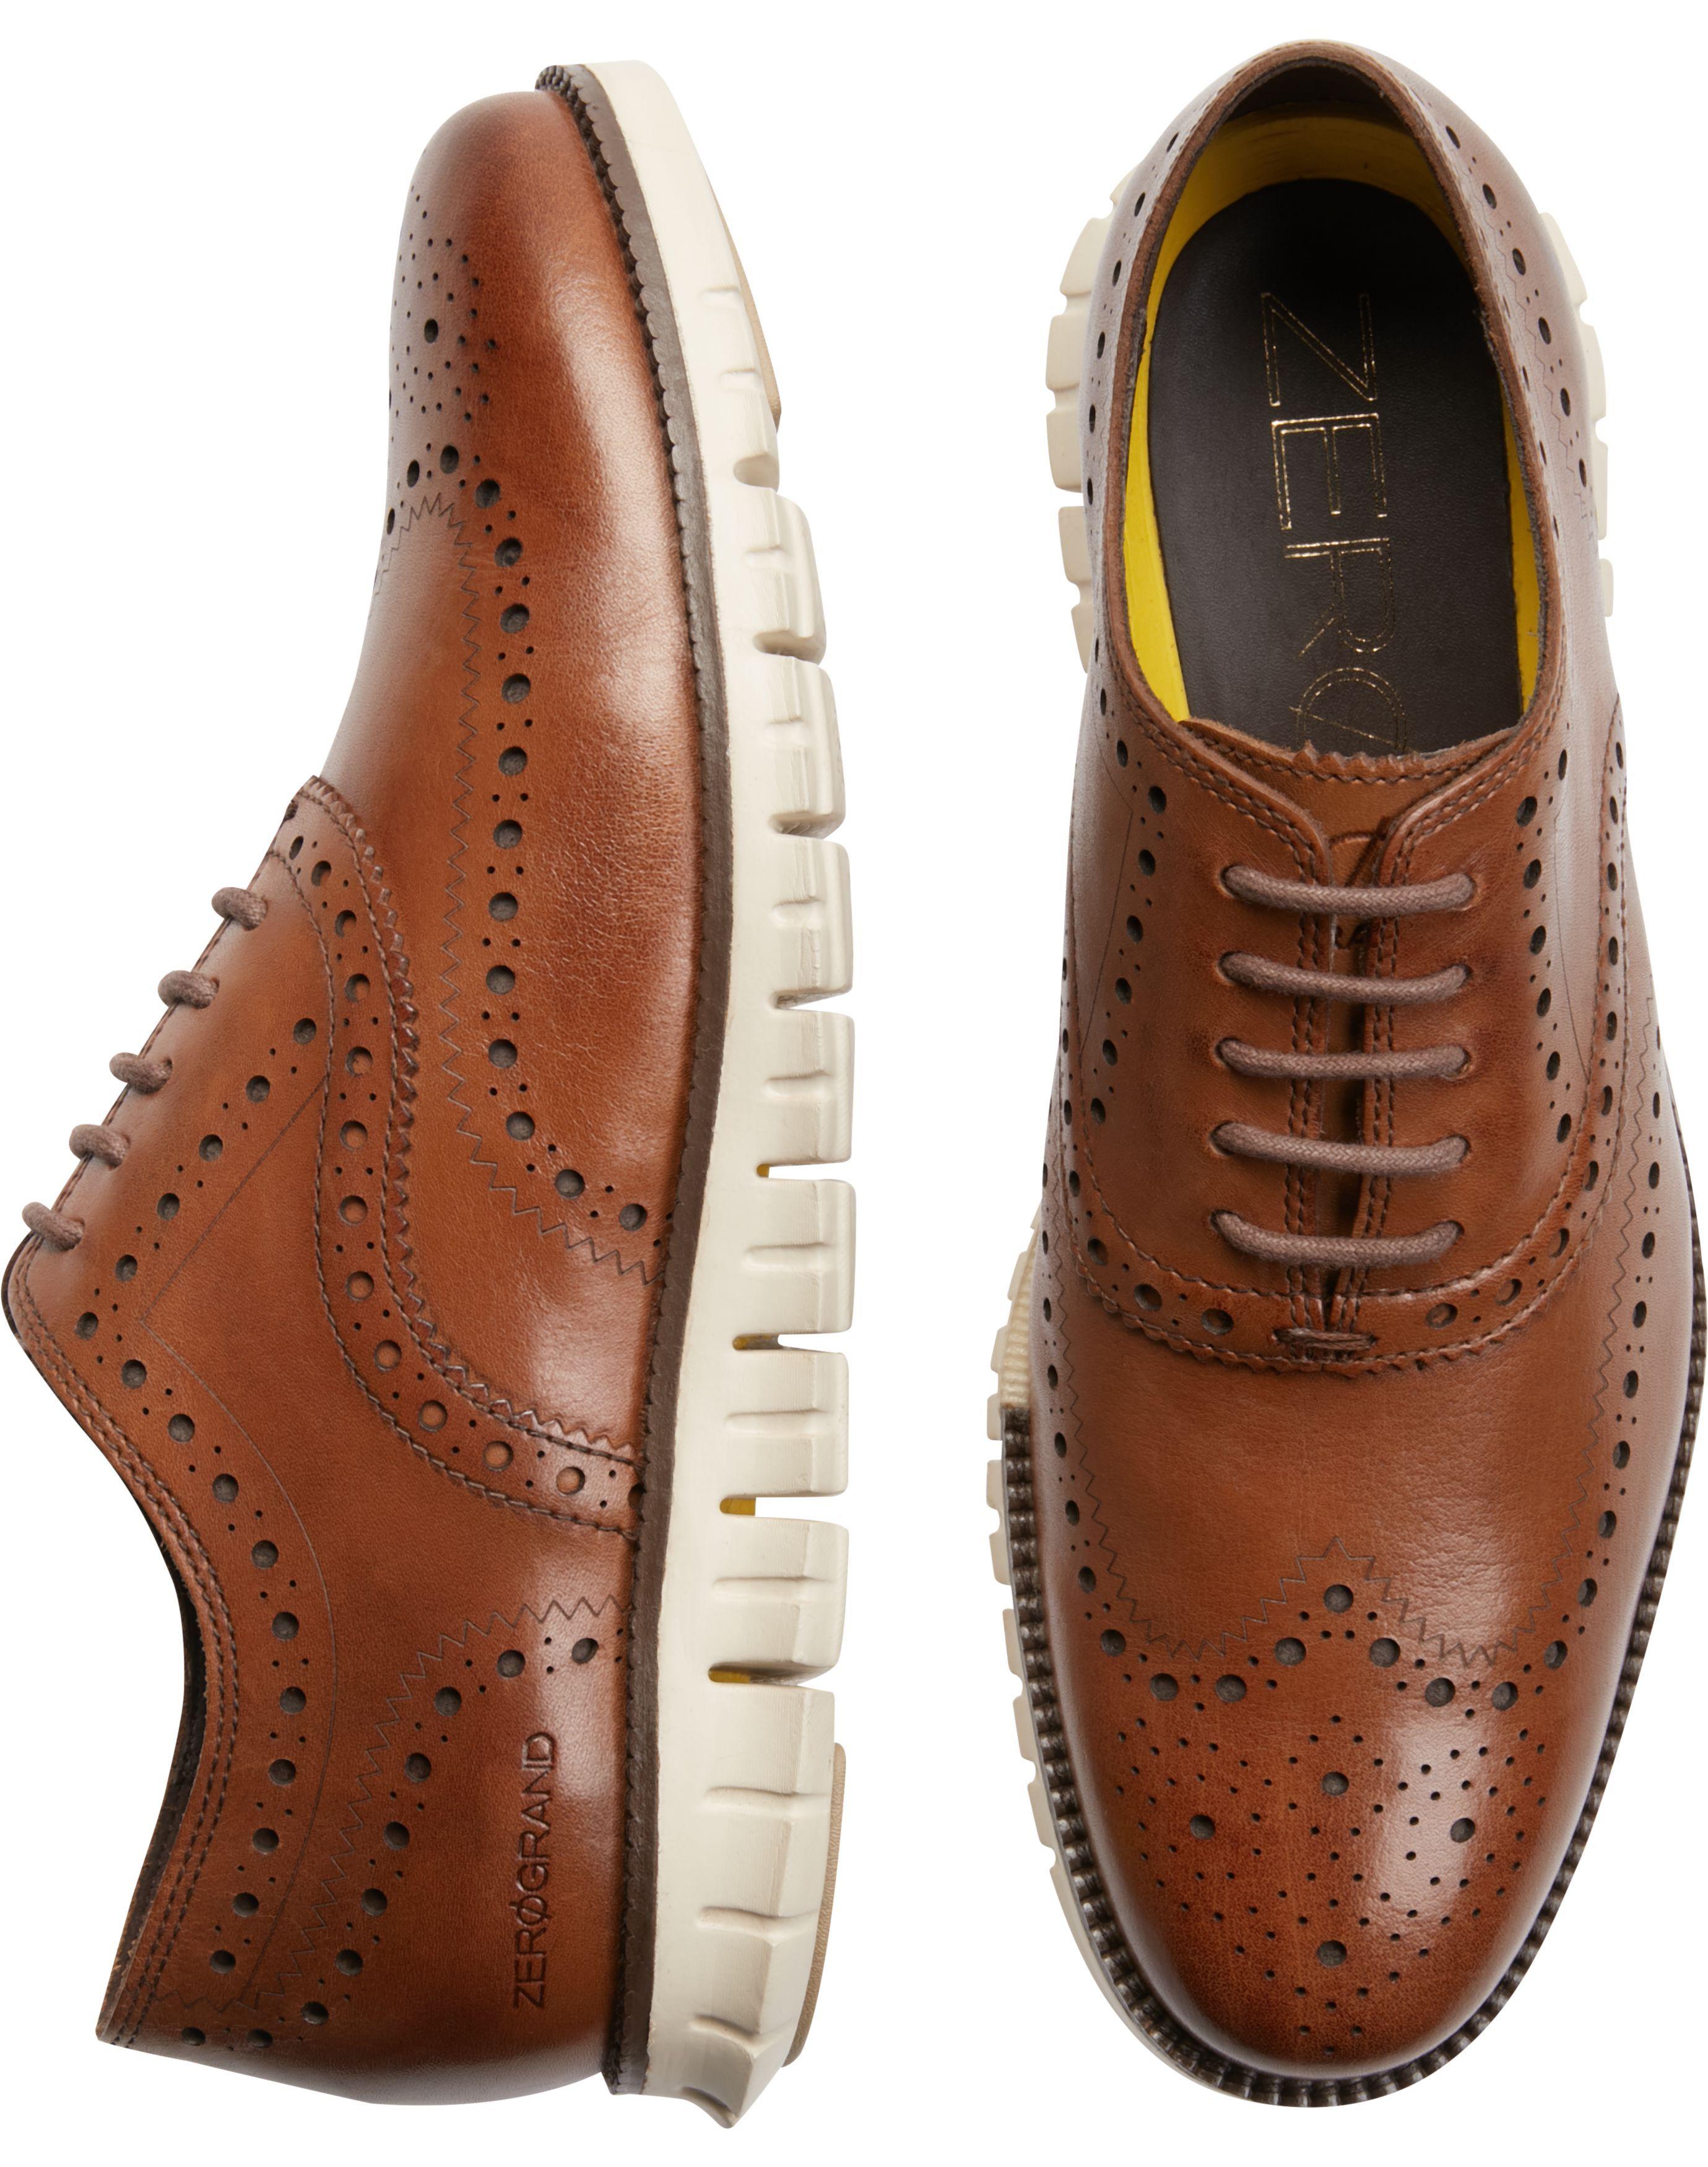 Cole Haan Zerogrand Tan Wingtip Oxfords - Men's Shoes | Men's Wearhouse | Mens  oxfords, Cole haan, Dress shoes men